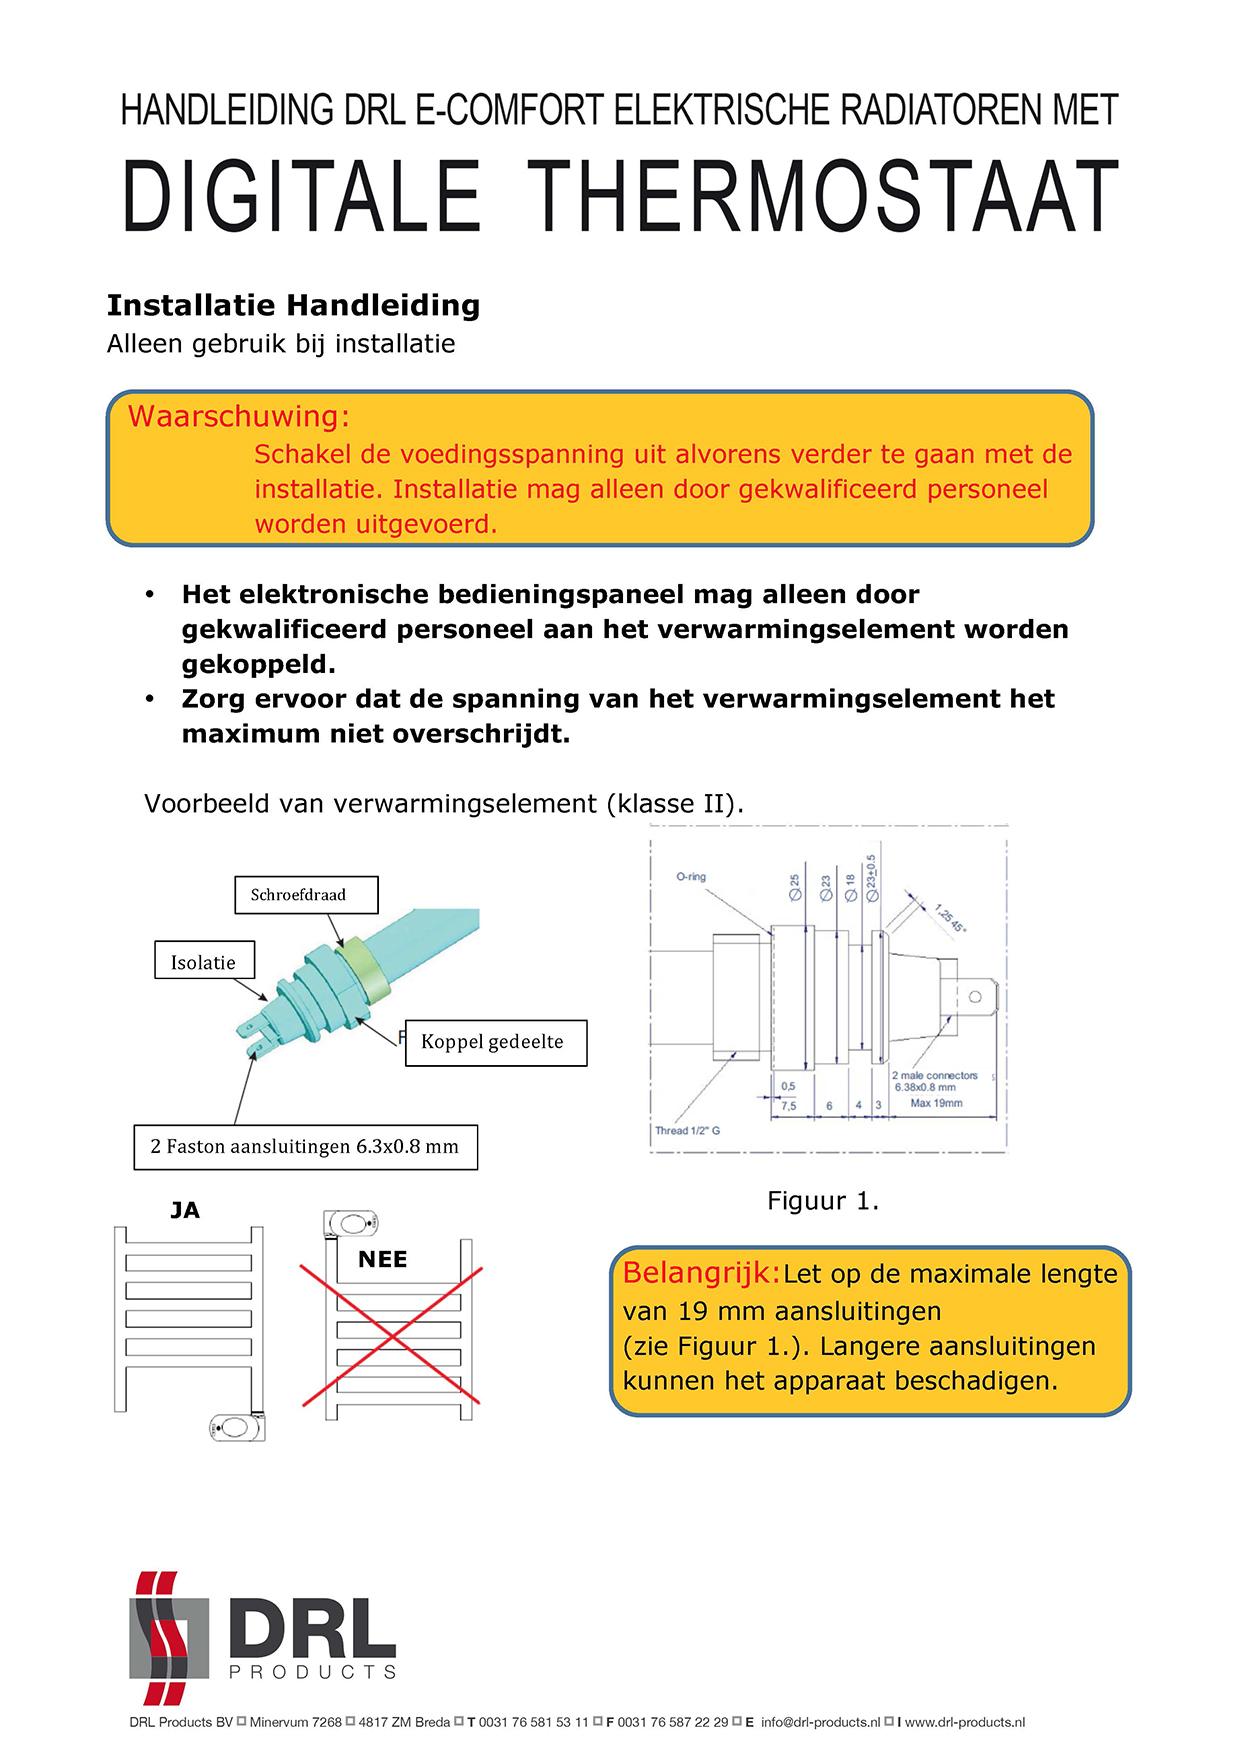 H_70_DRL_E_Comfort_Claudia_DIGITAAL_Thermostaat_GebruikersInstructie_NL_Pagina_07_WEB